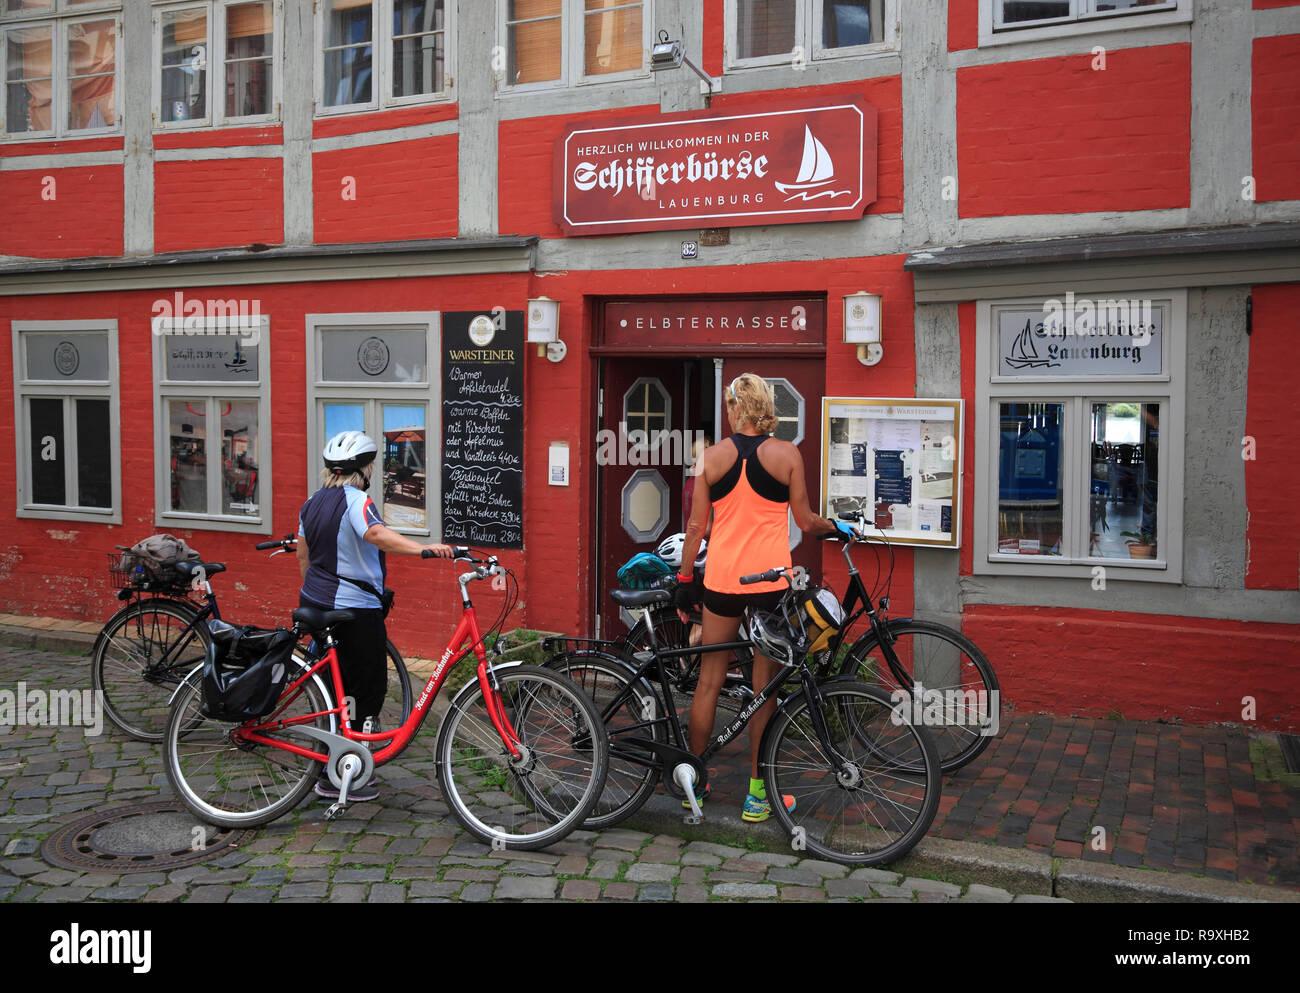 Biker in front of restaurant Schifferbörse, Lauenburg / Elbe, Schleswig-Holstein,  Germany, Europe - Stock Image